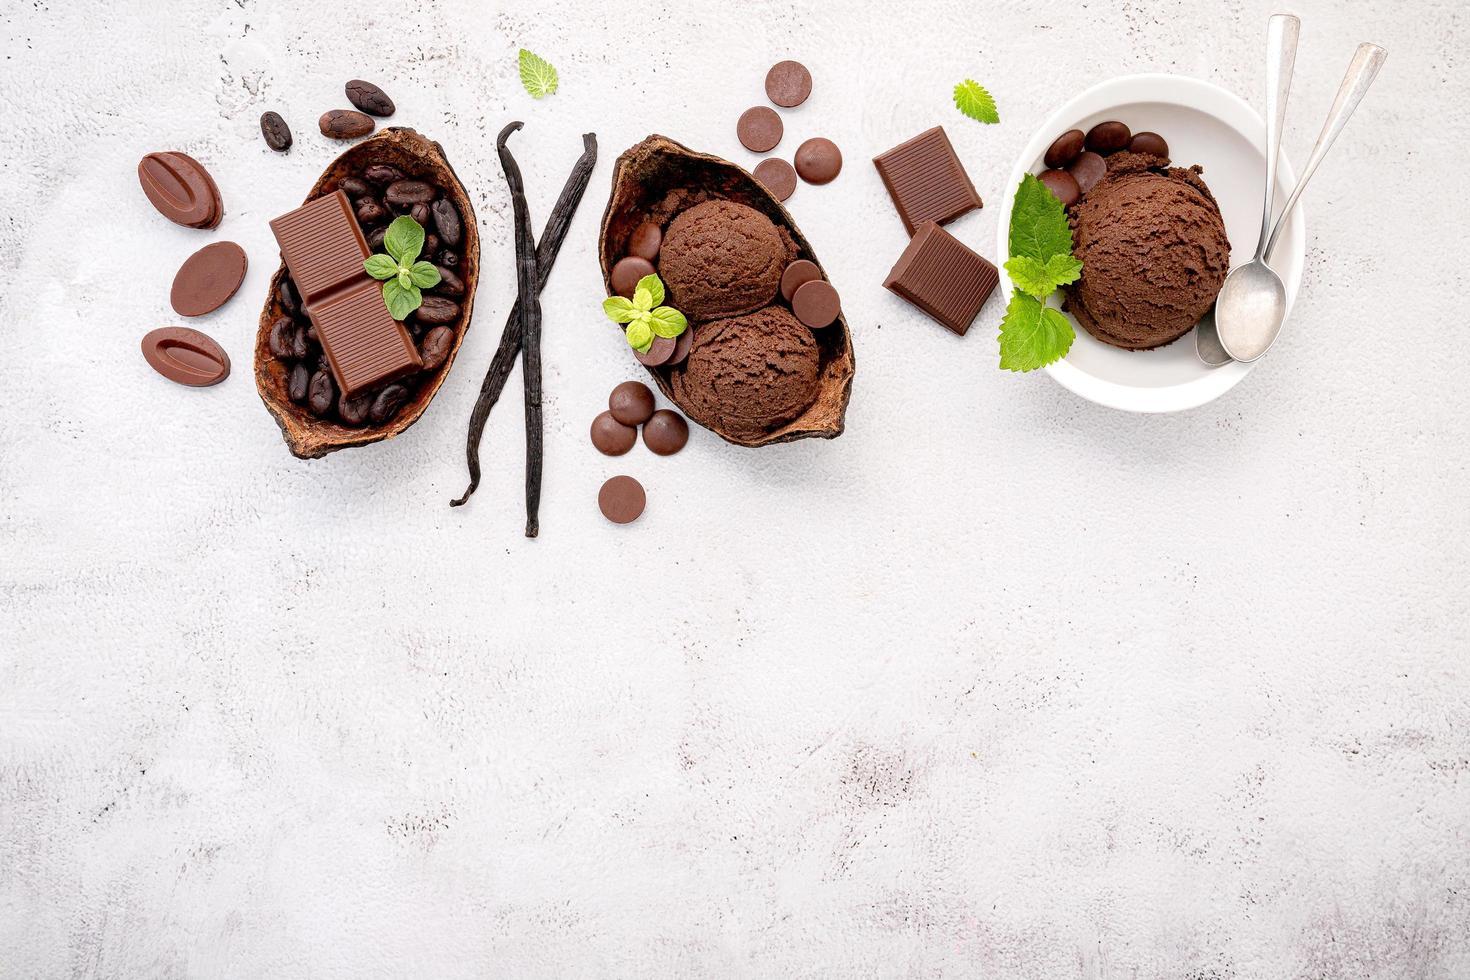 bols de glace au chocolat photo